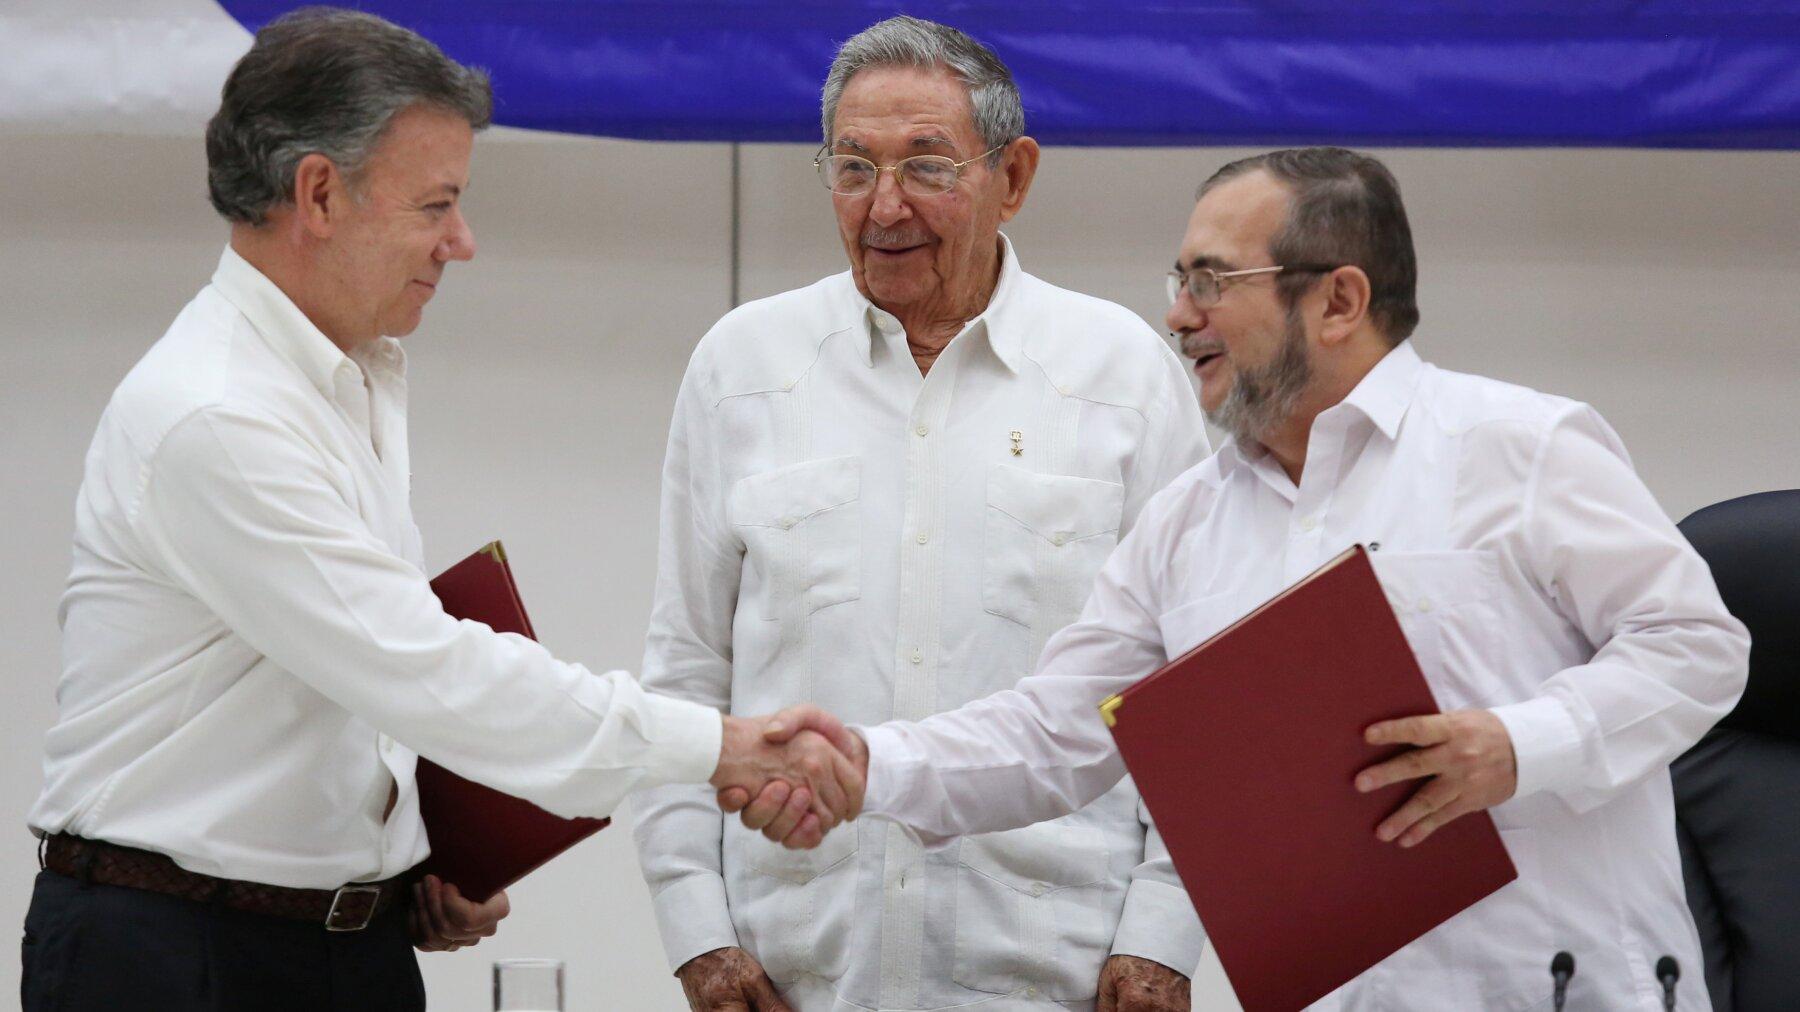 El presidente Juan Manuel Santos y el líder paramilitar Rodrigo Londoño, 'Timochenko', firmaron el acuerdo en La Habana.